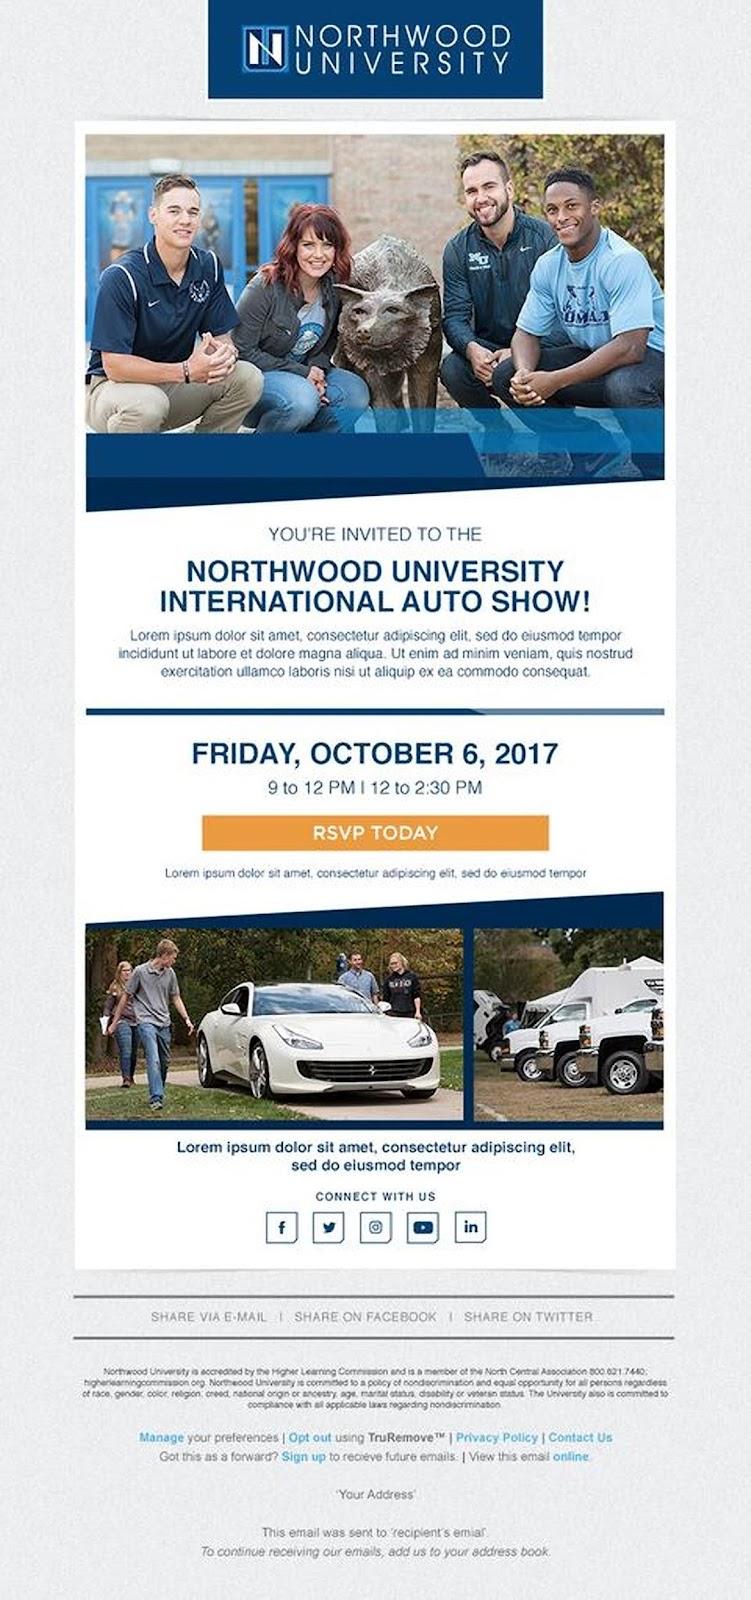 Northwood University email example